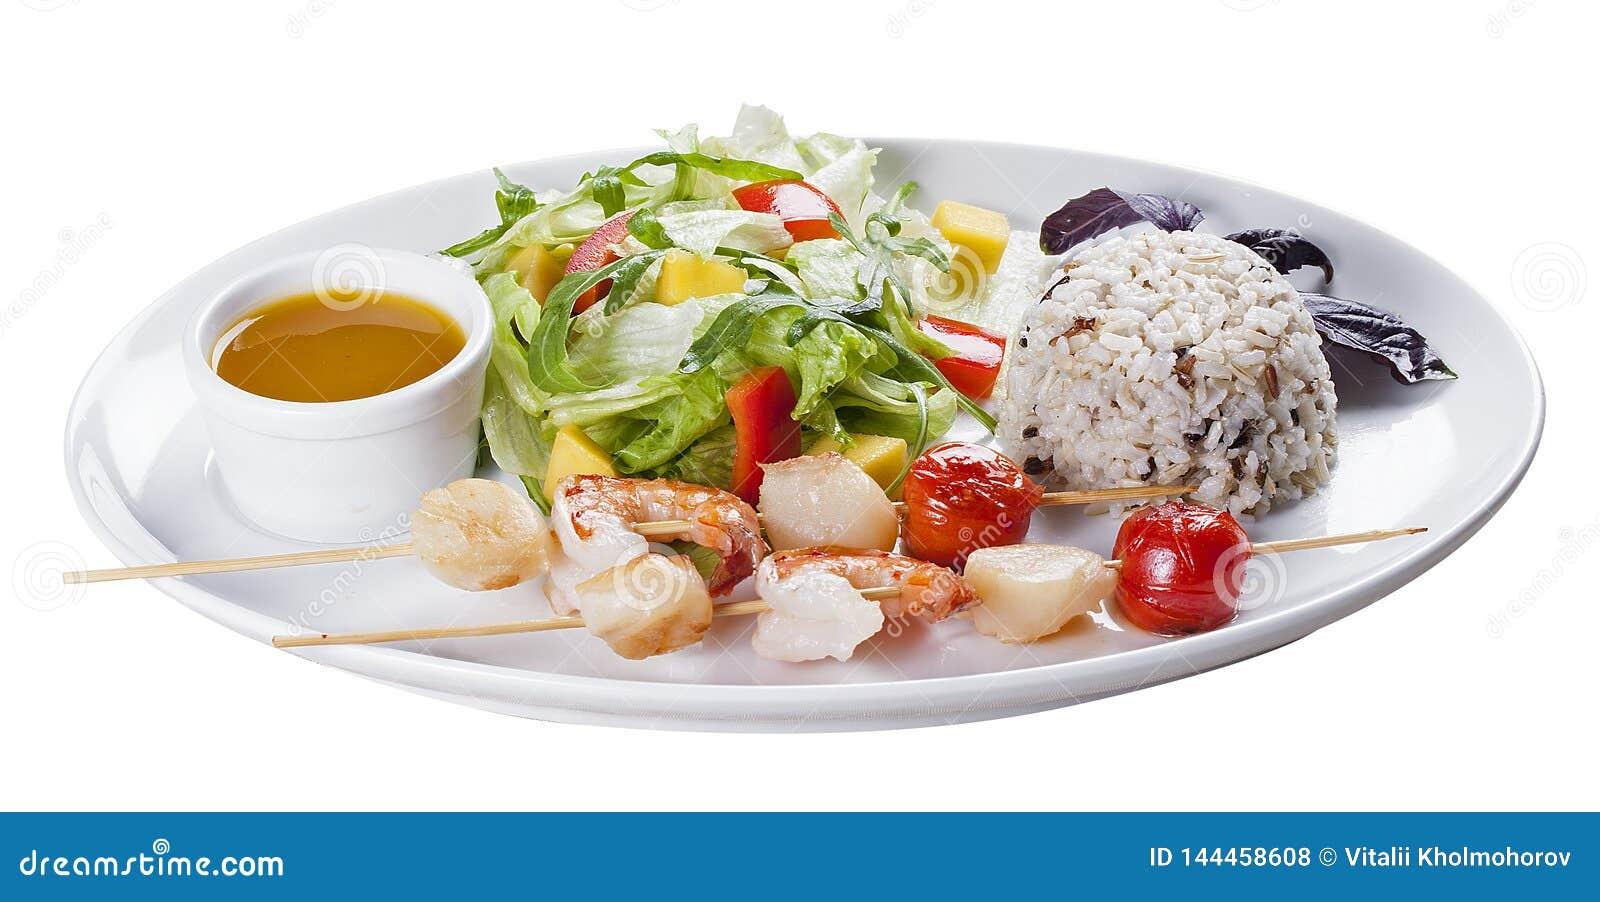 Meeresfrüchte mit Reis und Gemüse